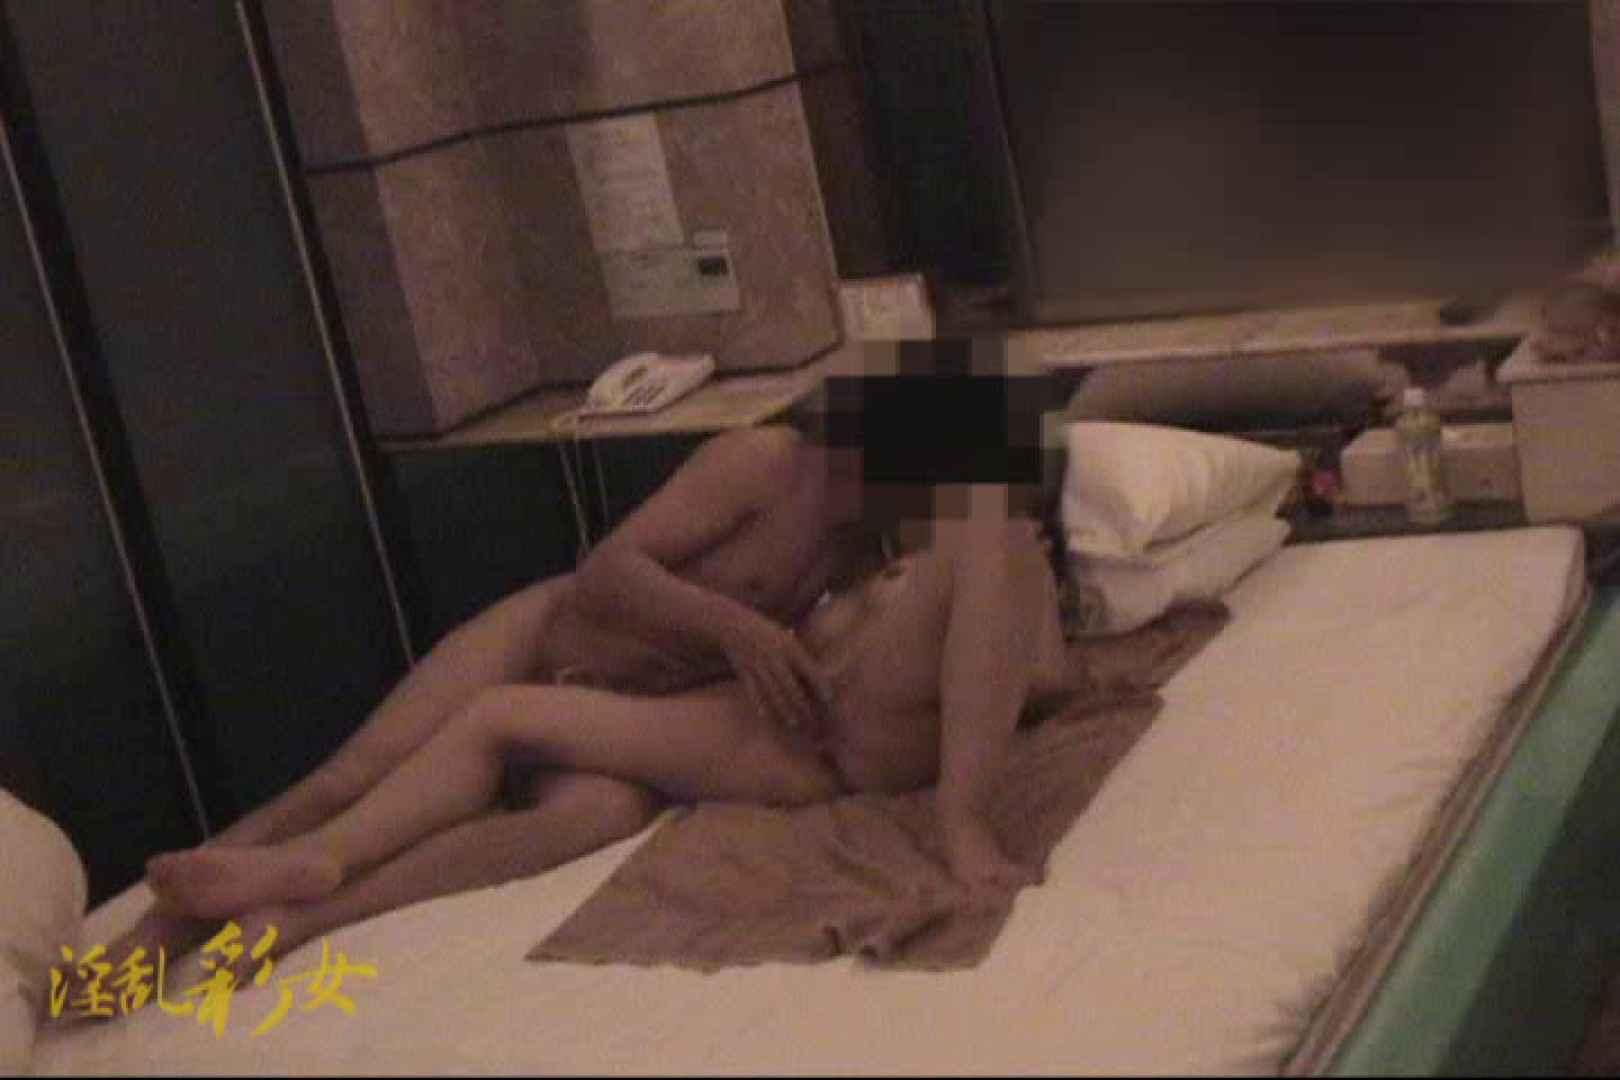 淫乱彩女 麻優里 ホテルで3P絶倫編 淫乱 エロ無料画像 84pic 26